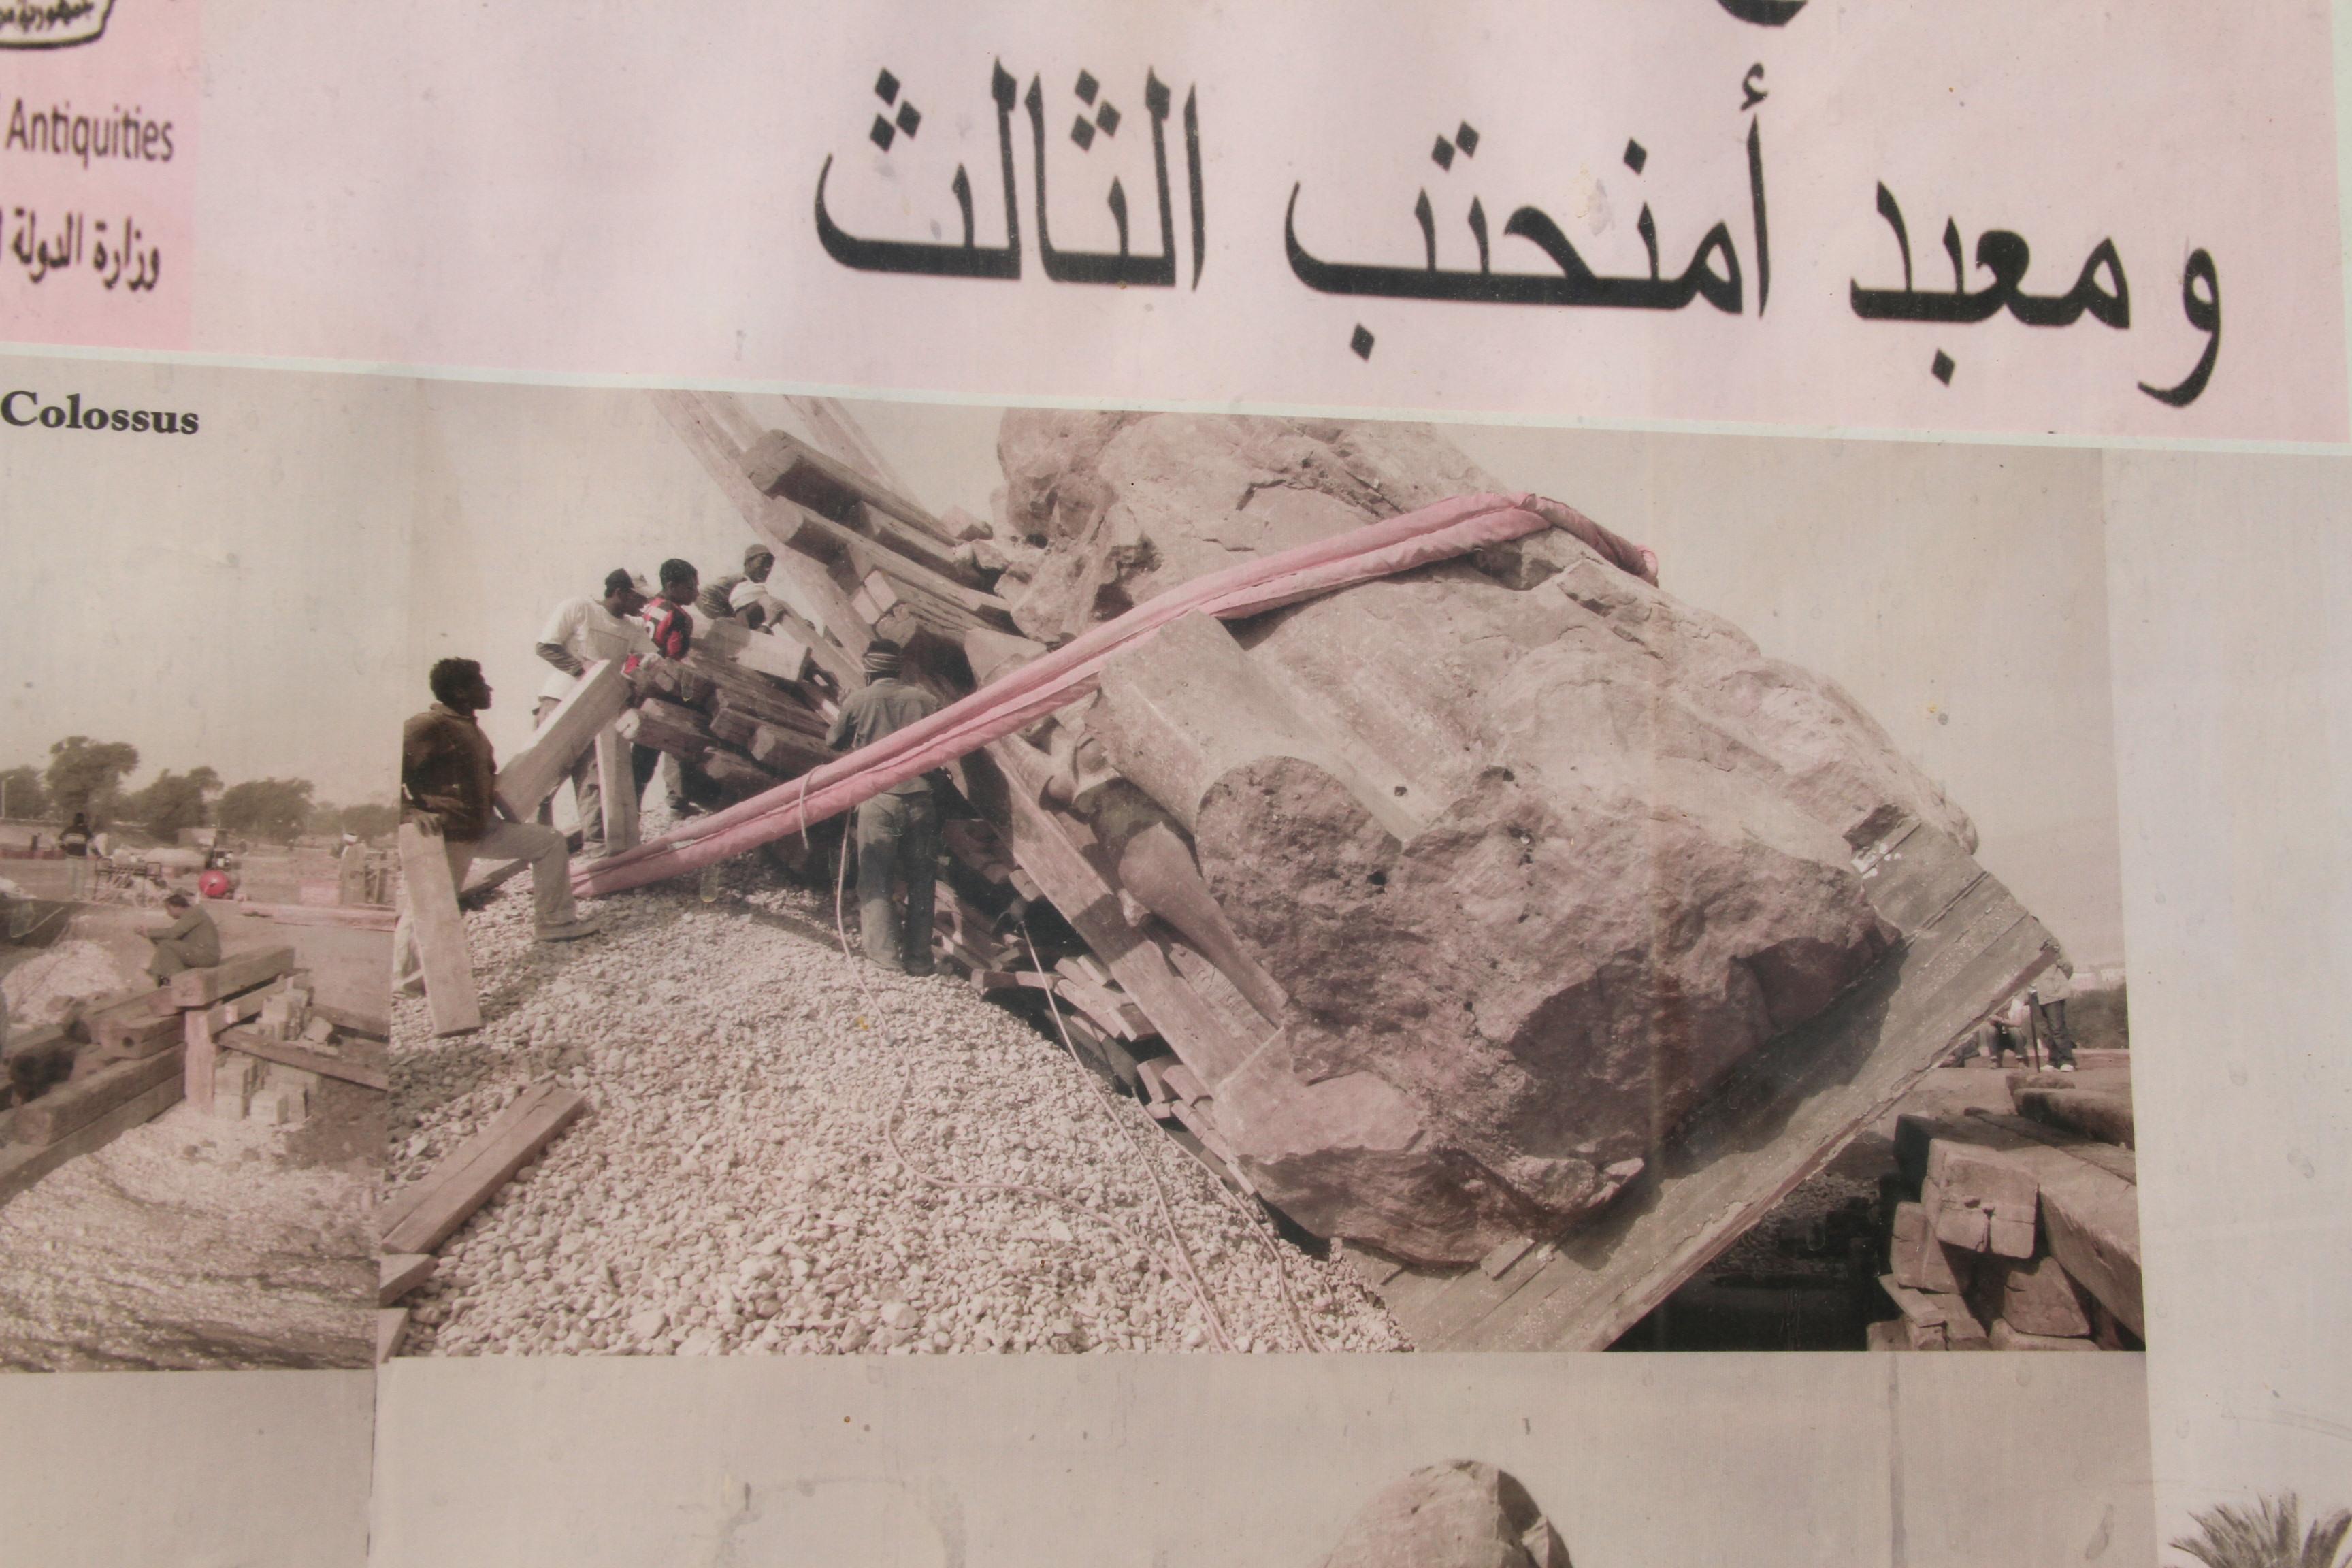 Плакат: так поднимали Северного колосса ухрама Аменхотепа III